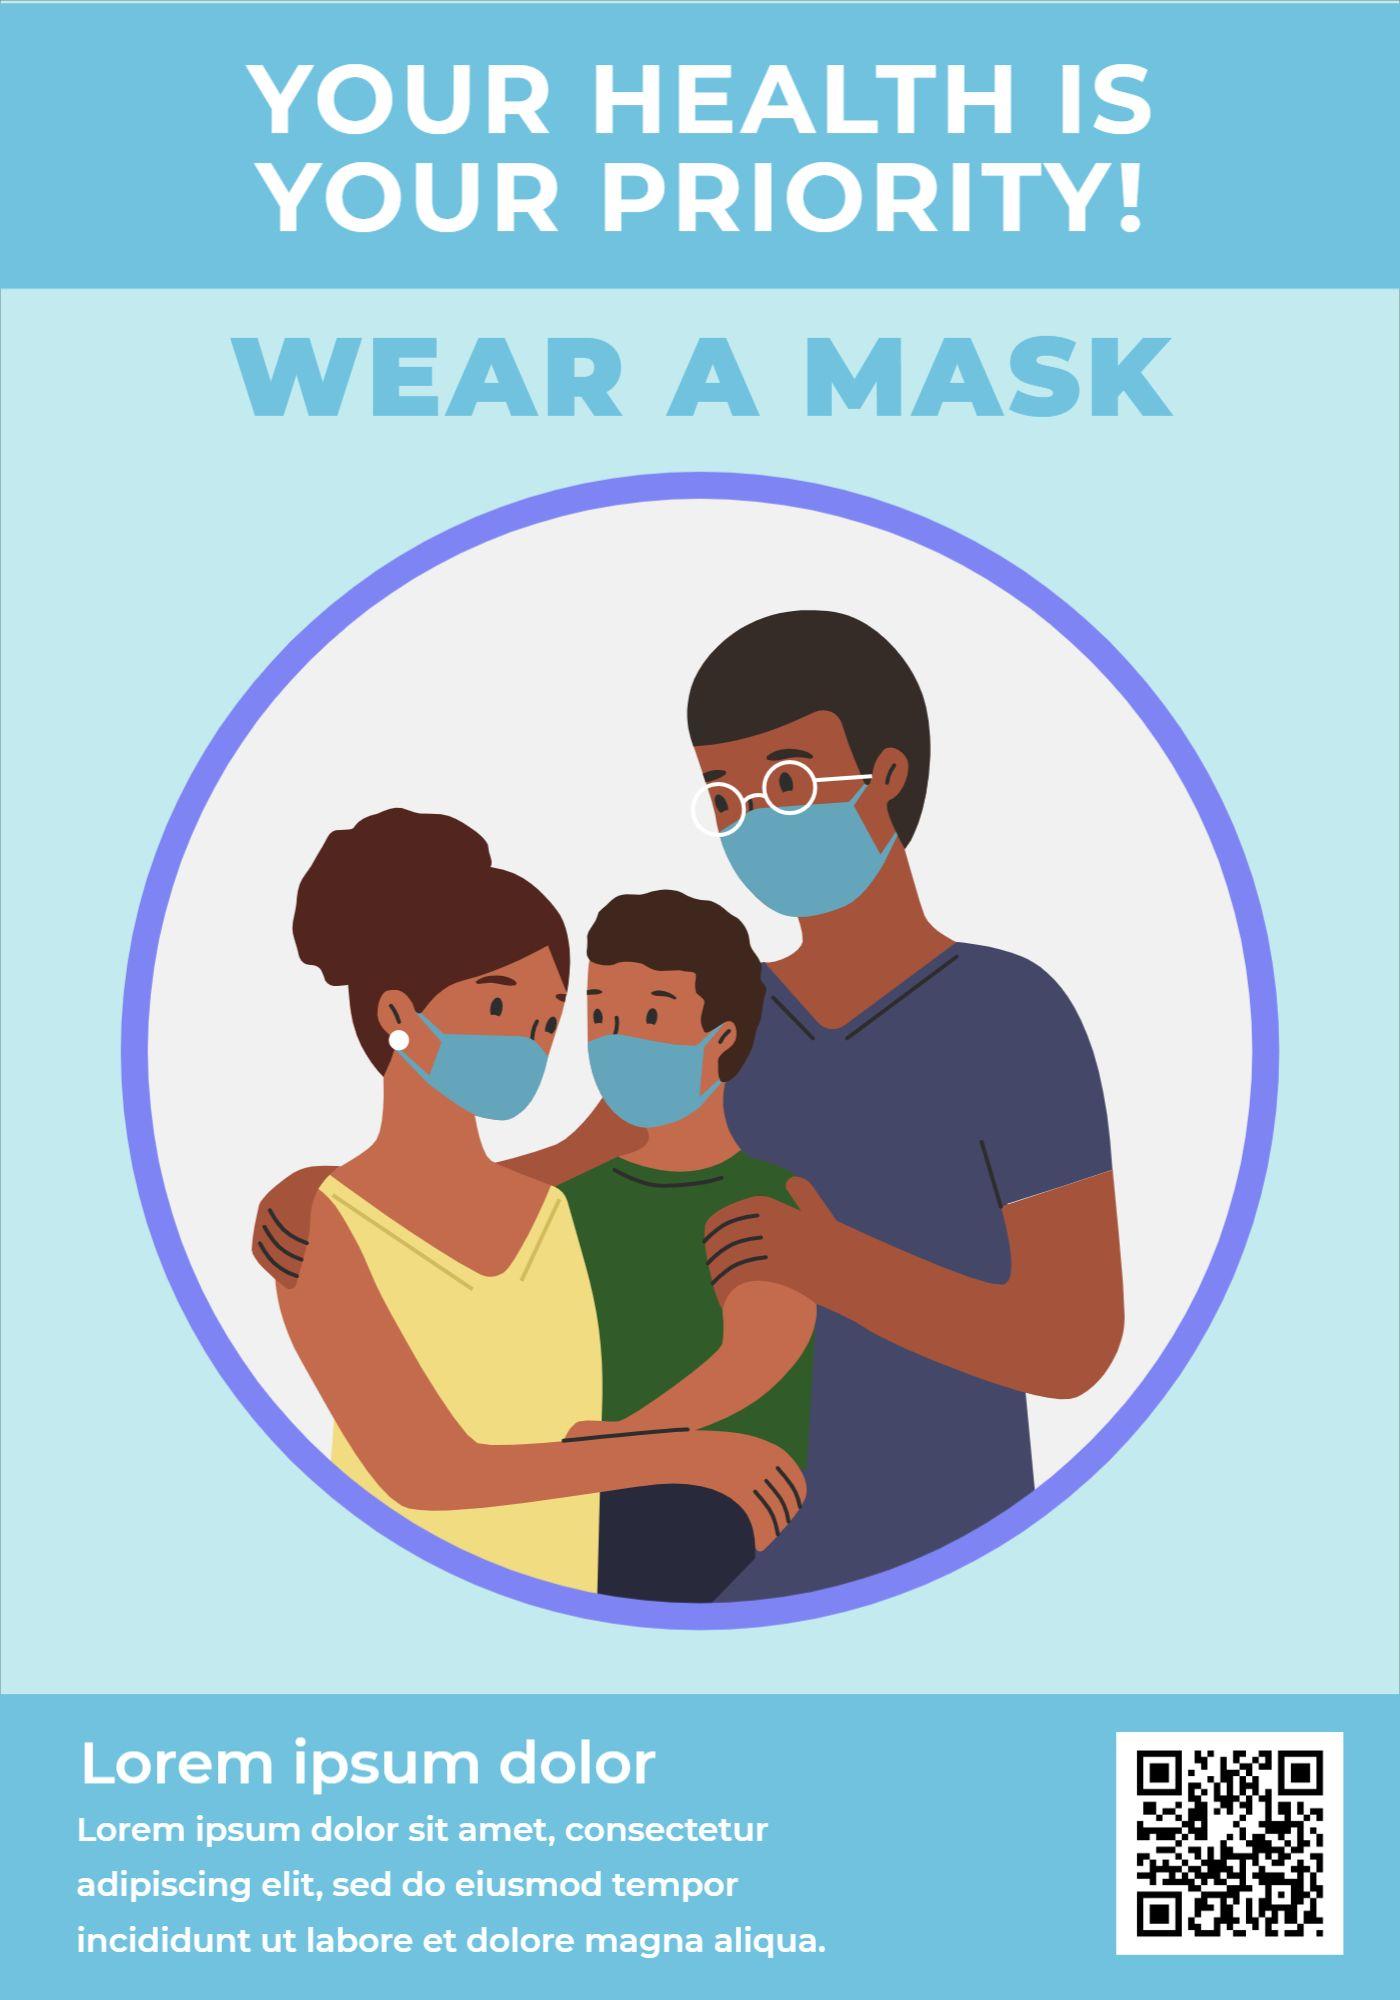 Mask Awareness Poster Template